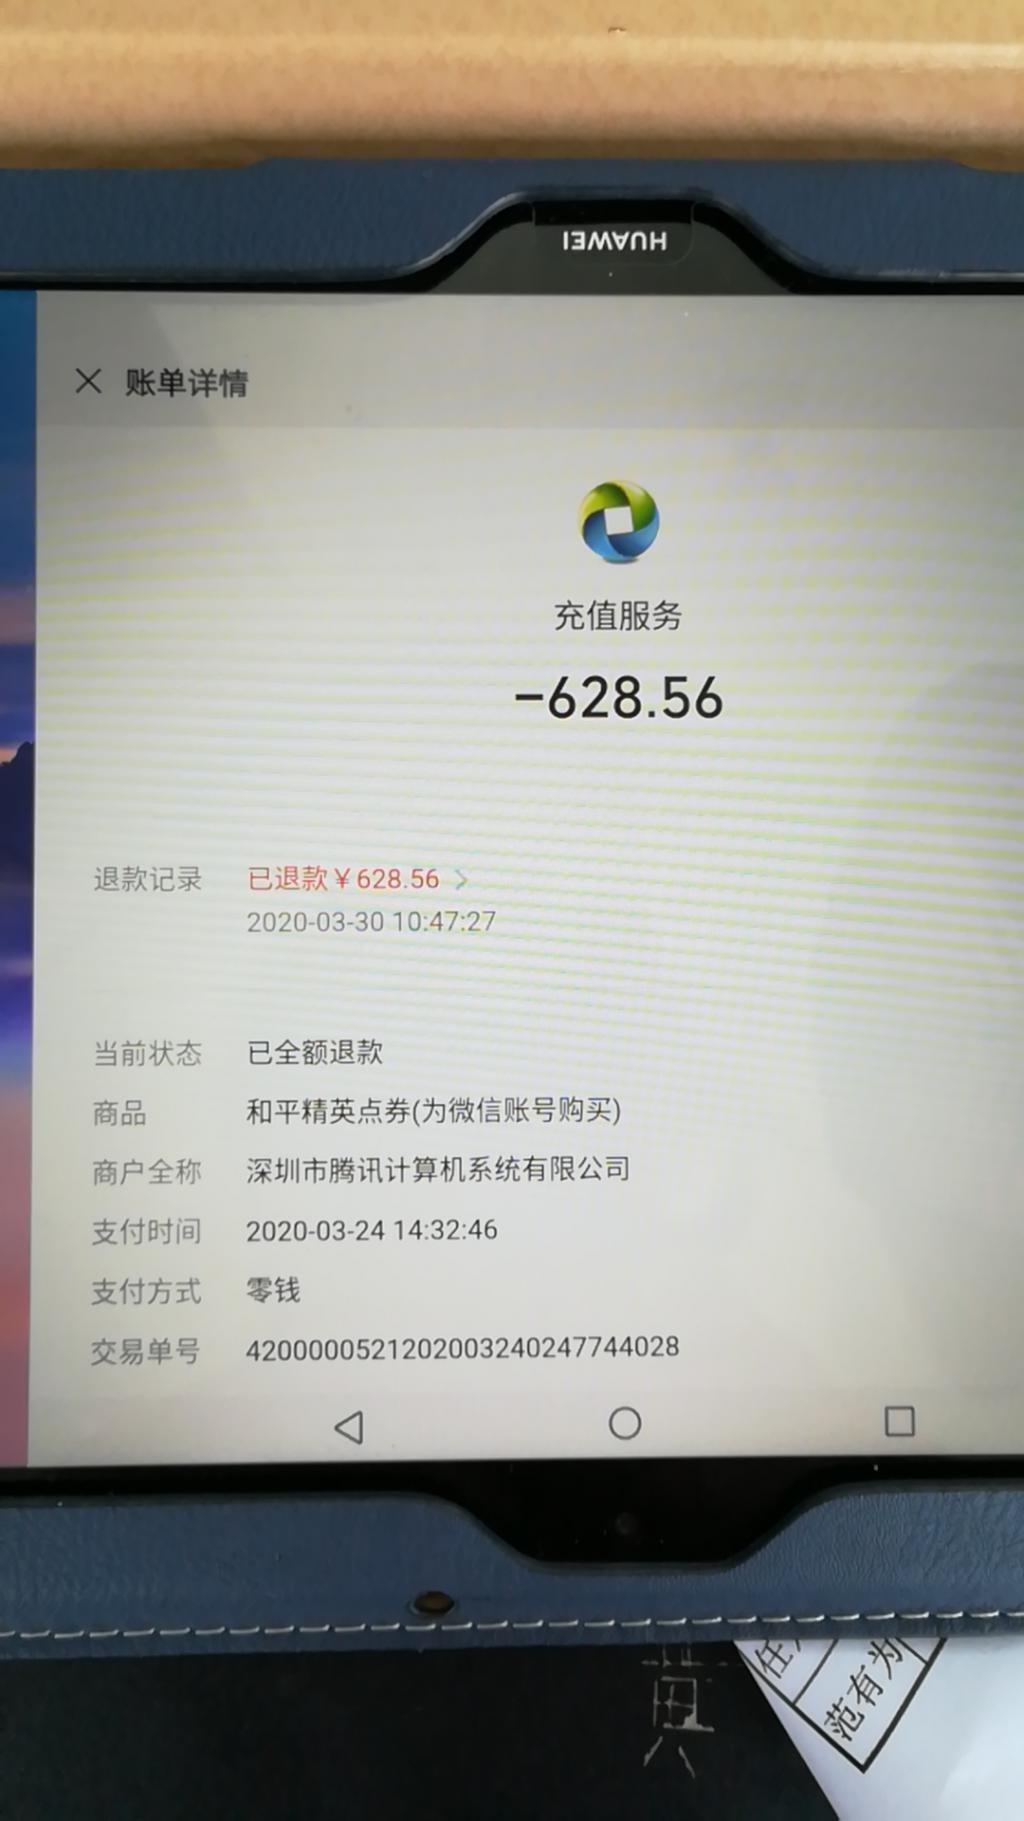 长沙9岁男童误买3000余元游戏点券后续:游戏平台已退回3200元